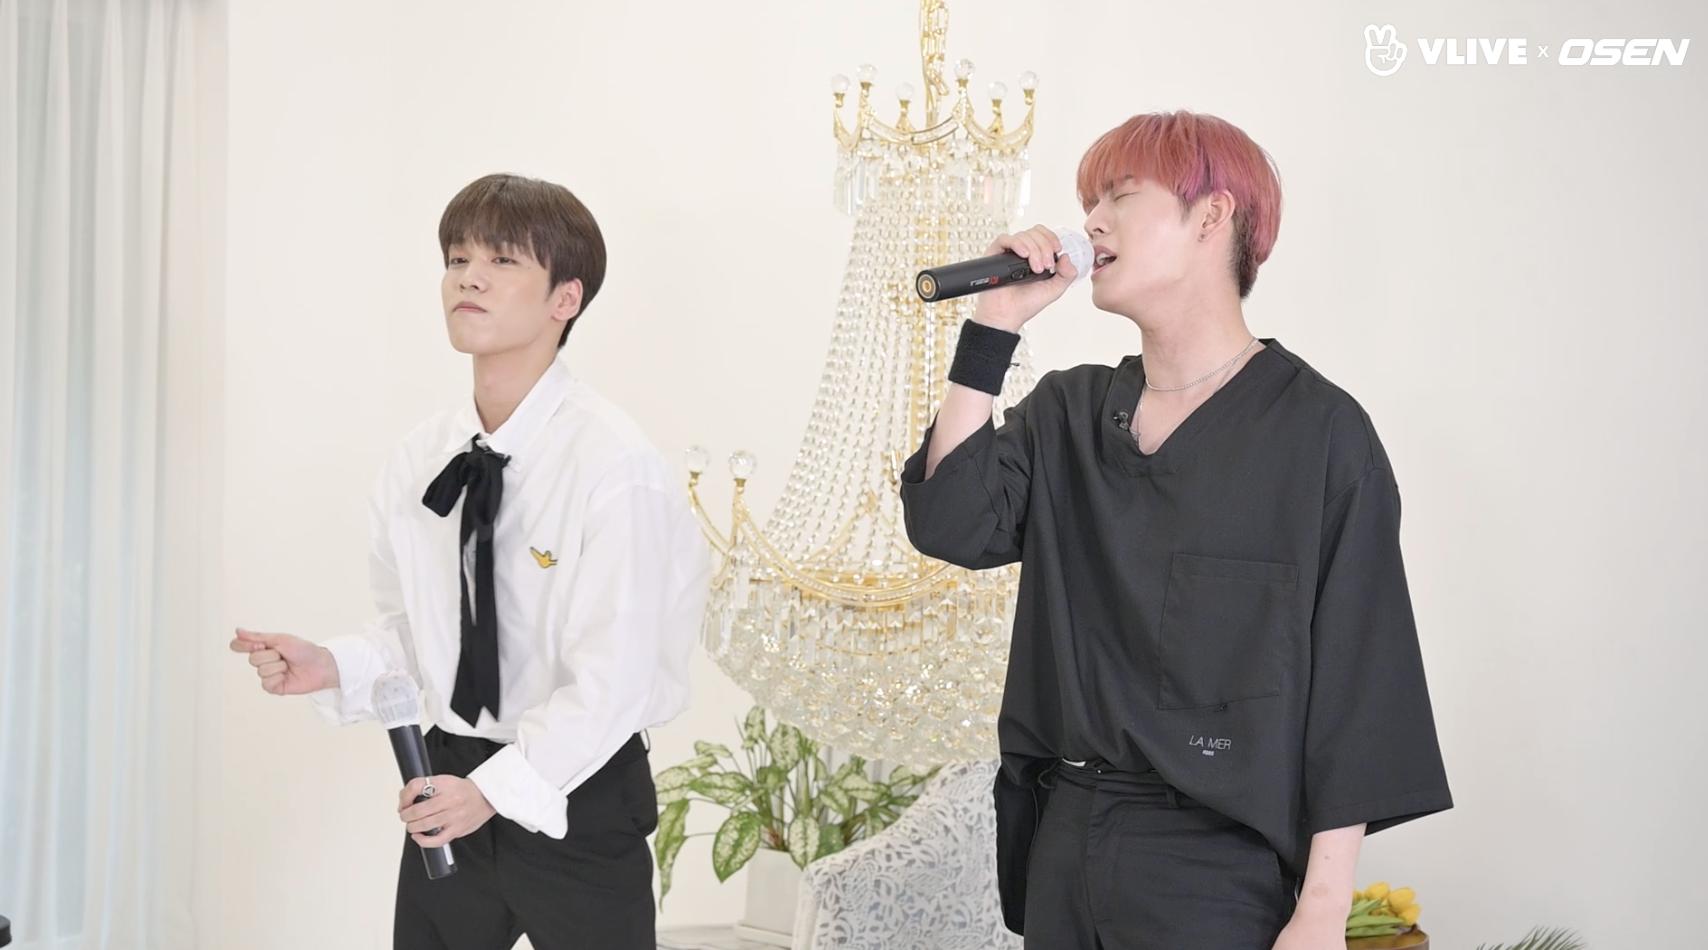 온앤오프, 노래방이야 콘서트야..완벽 가창력 #스타로드 02